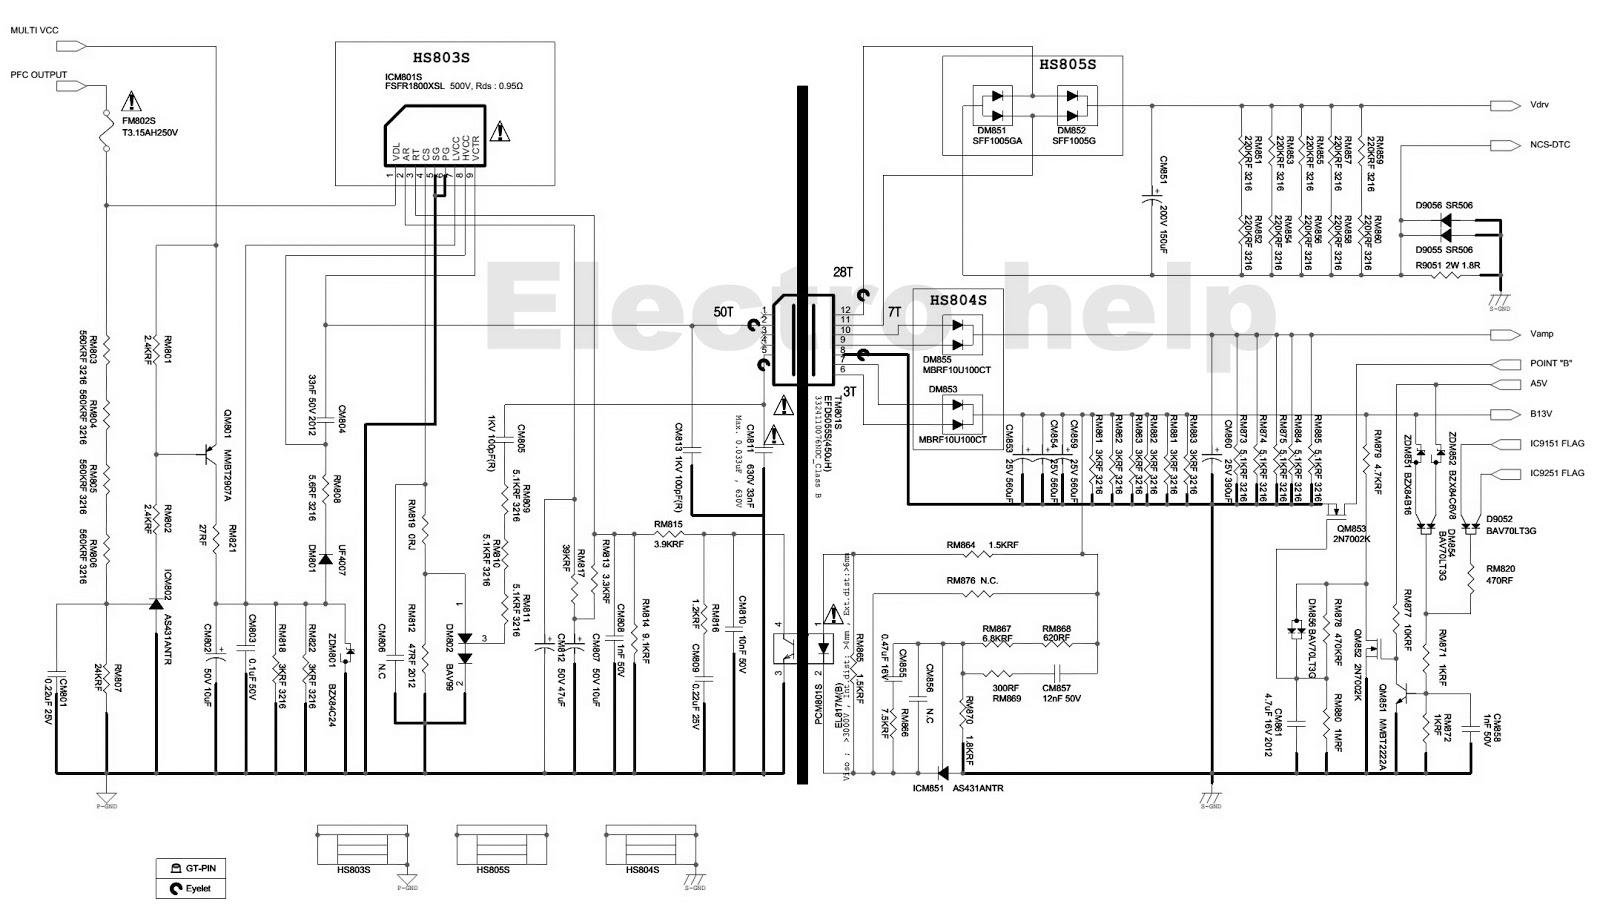 pfc circuit diagram